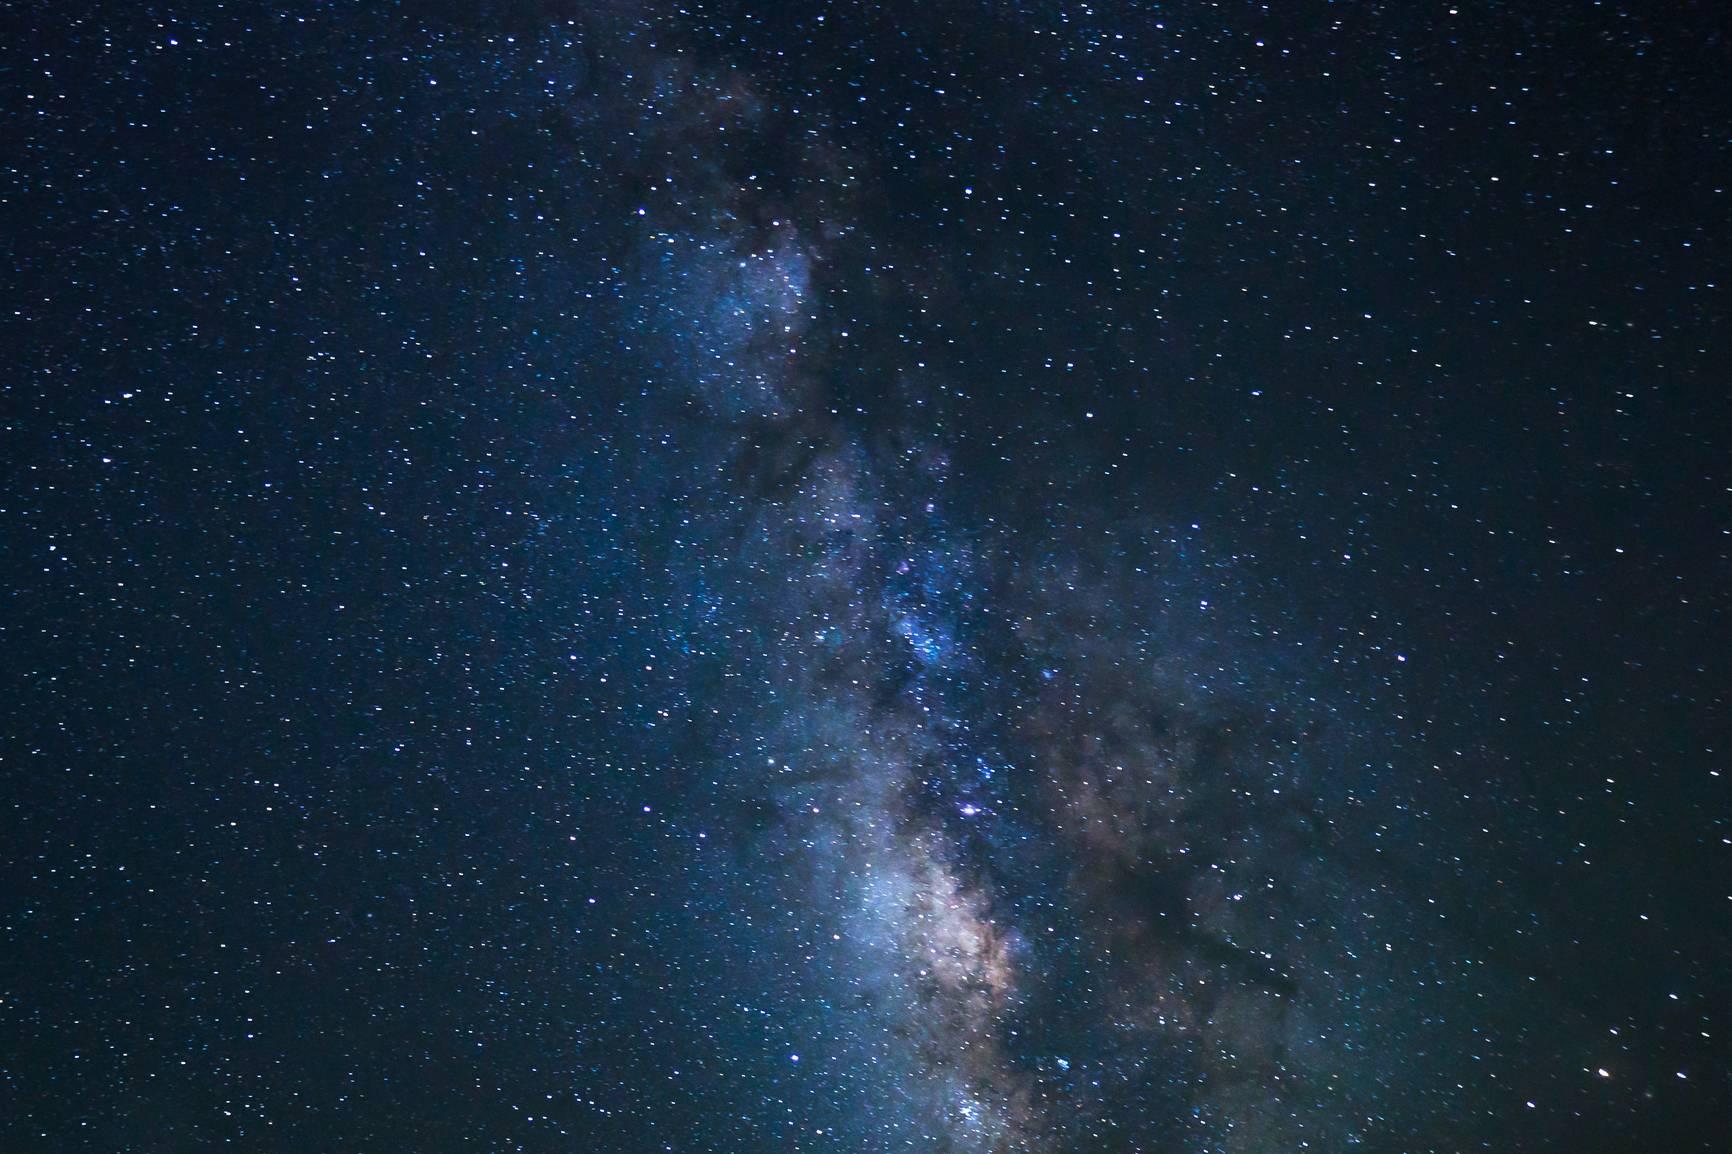 Beautiful Starry Night Sky Desktop Wallpaper Eden wallpapers 1732x1154